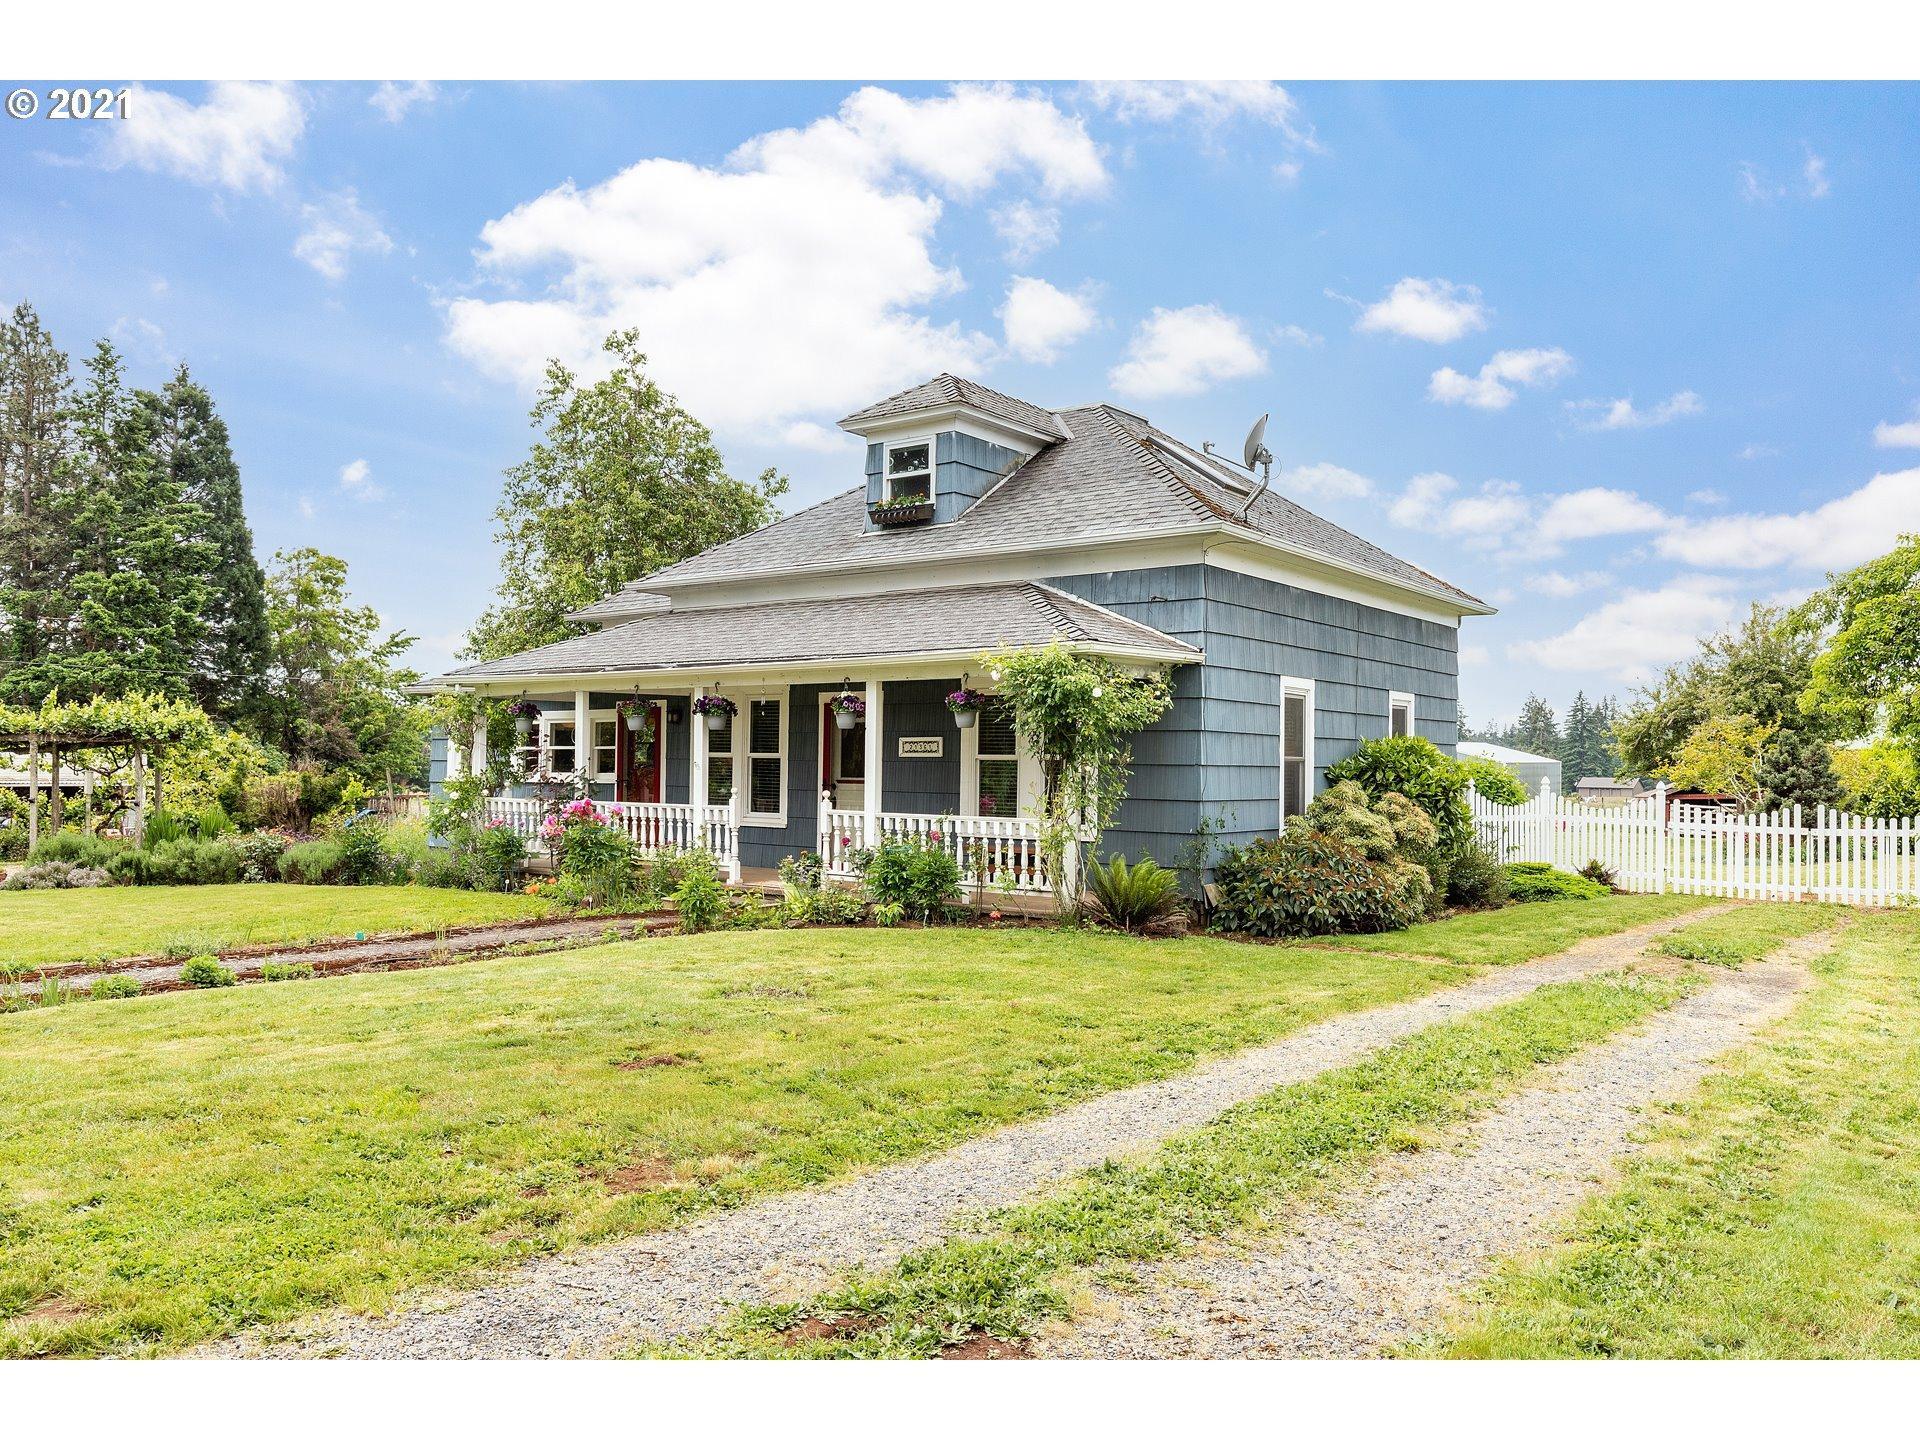 Property Image for 21361 S Beavercreek Rd